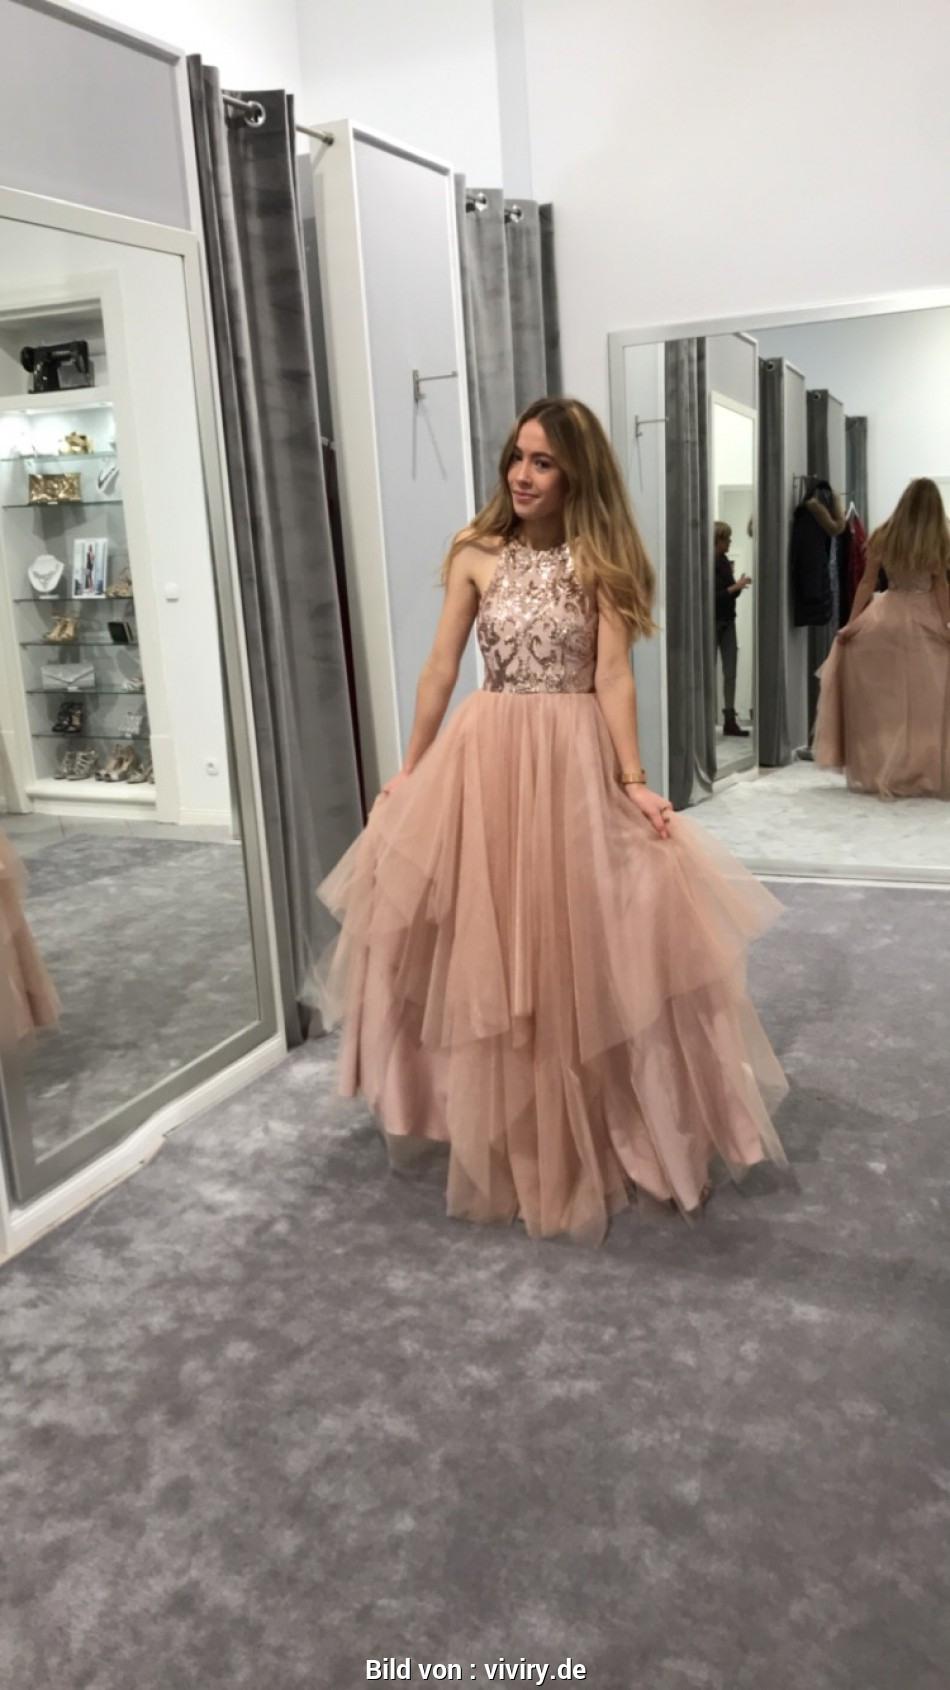 Designer Elegant Abendkleidung Hannover Boutique20 Großartig Abendkleidung Hannover Vertrieb